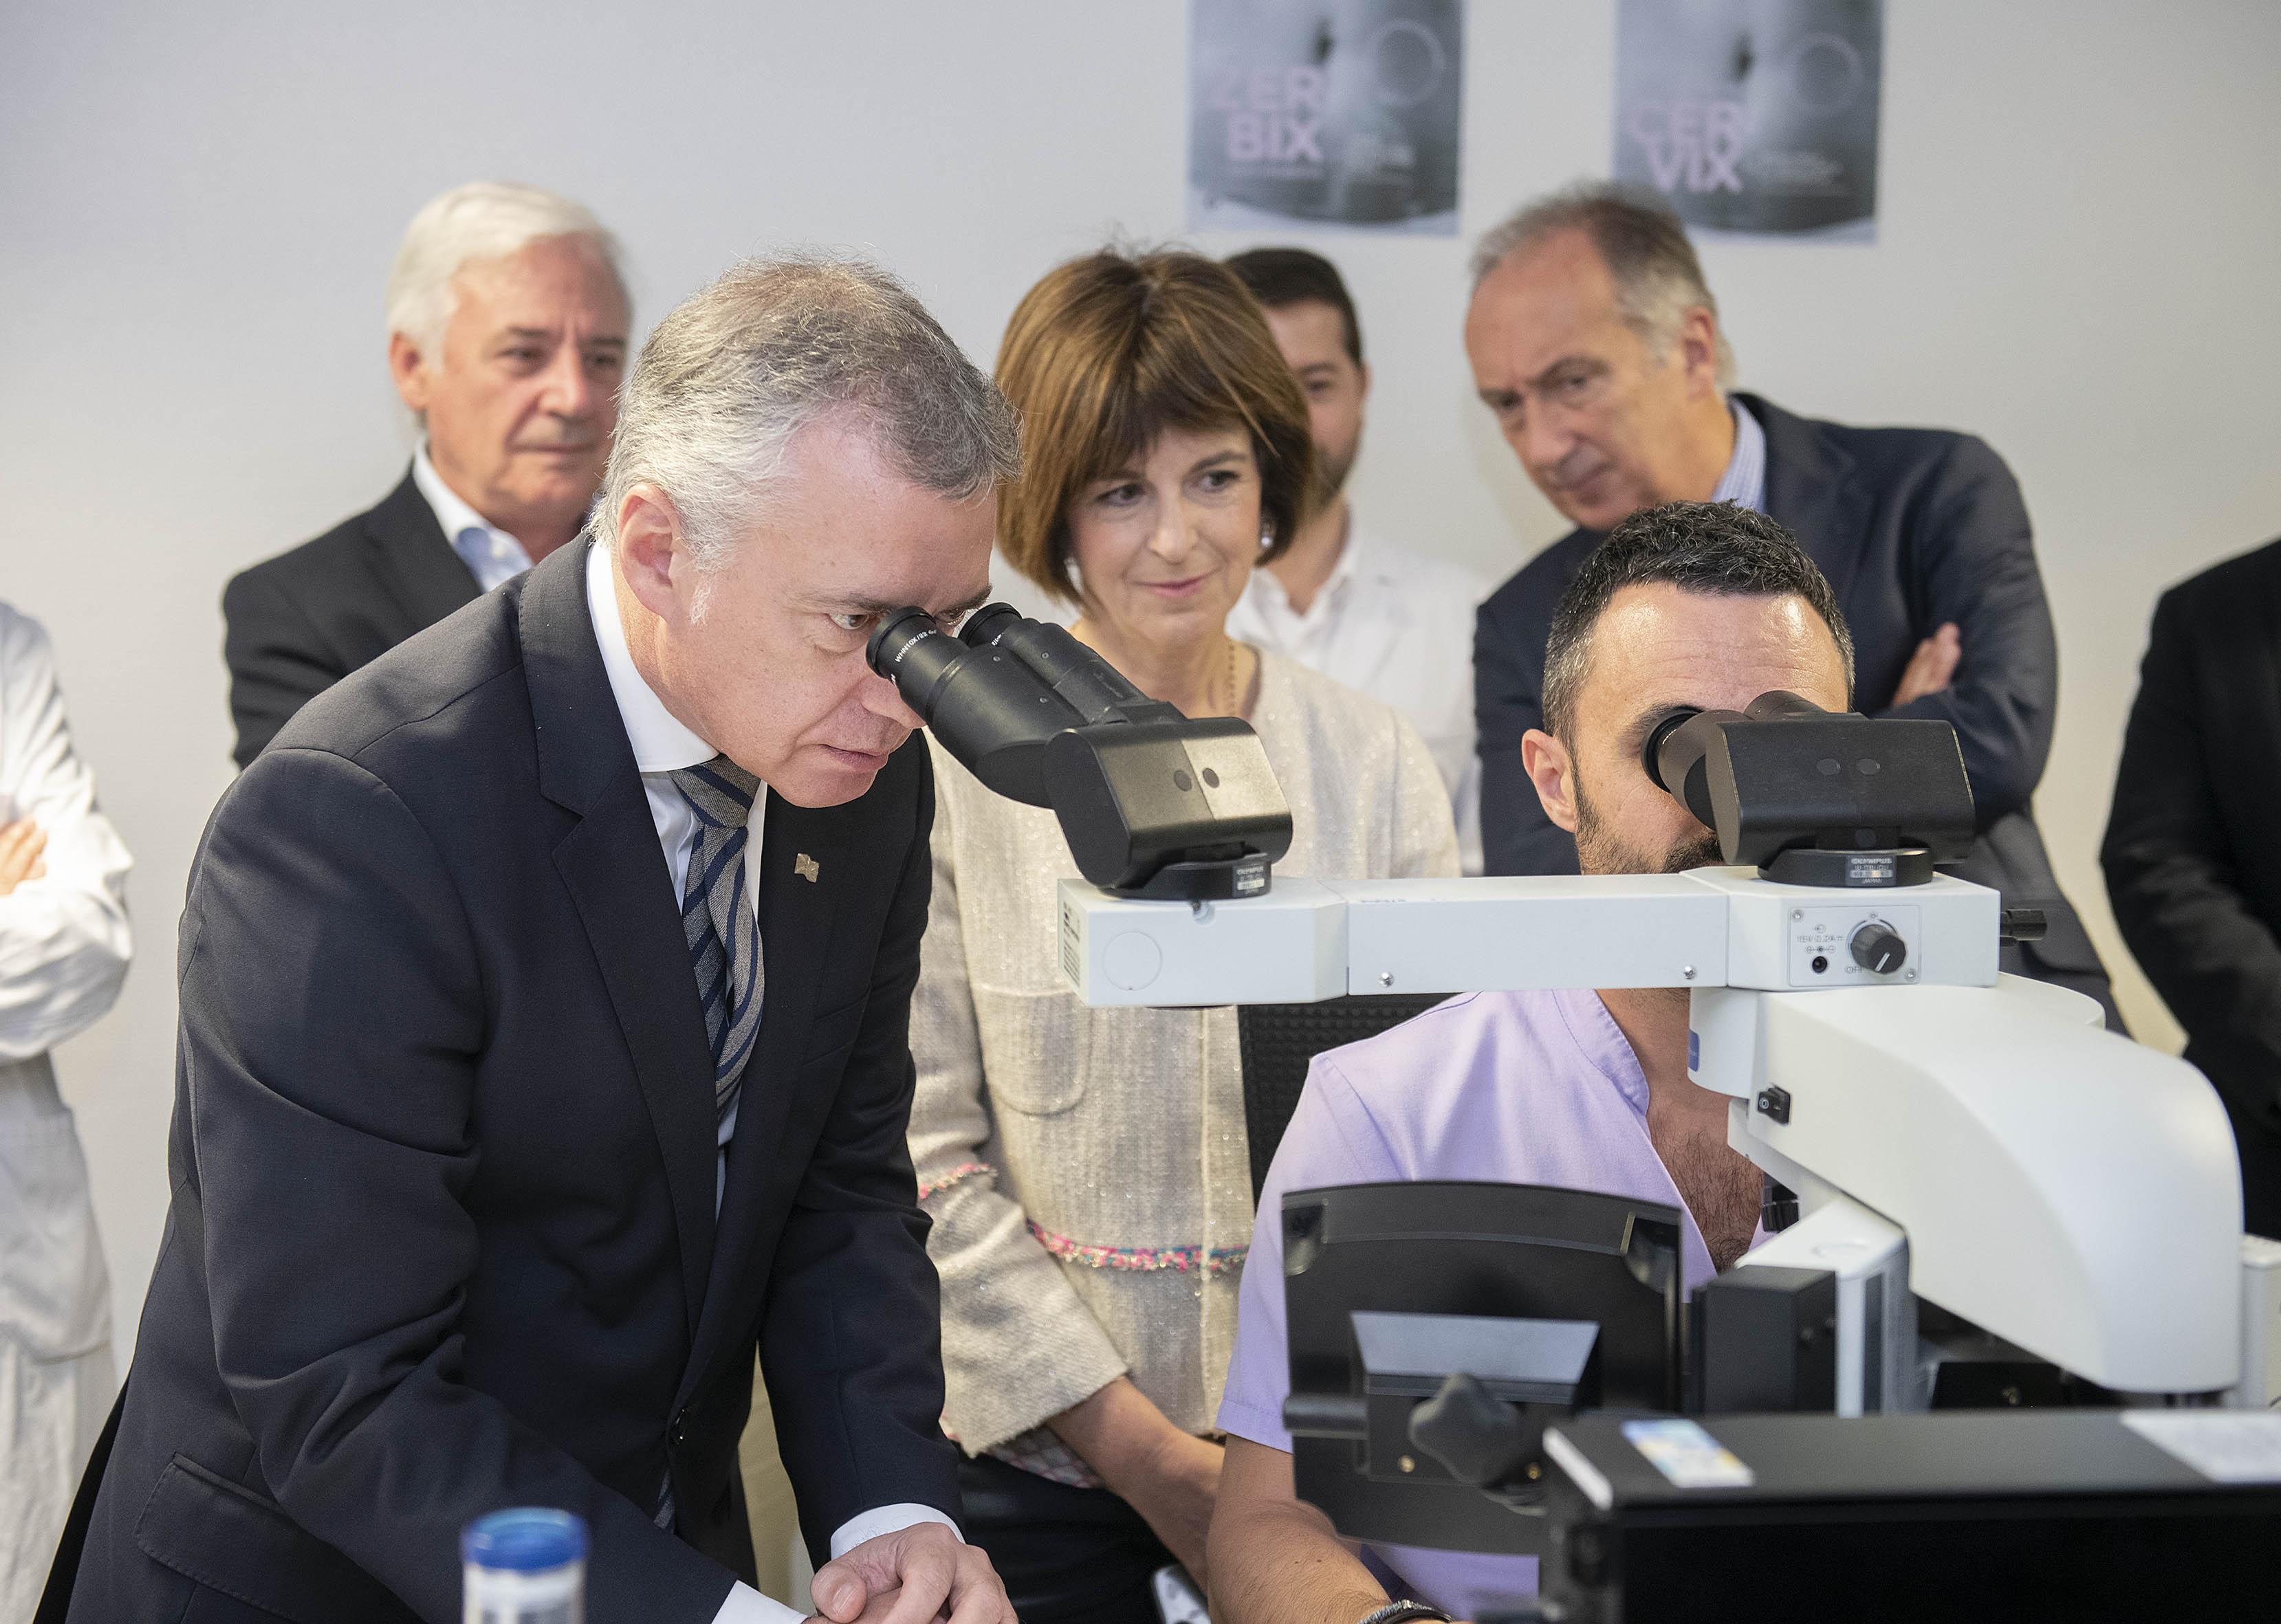 El programa de cribado poblacional de cáncer de cérvix se extiende a Bizkaia tras su implantación en Gipuzkoa y Araba